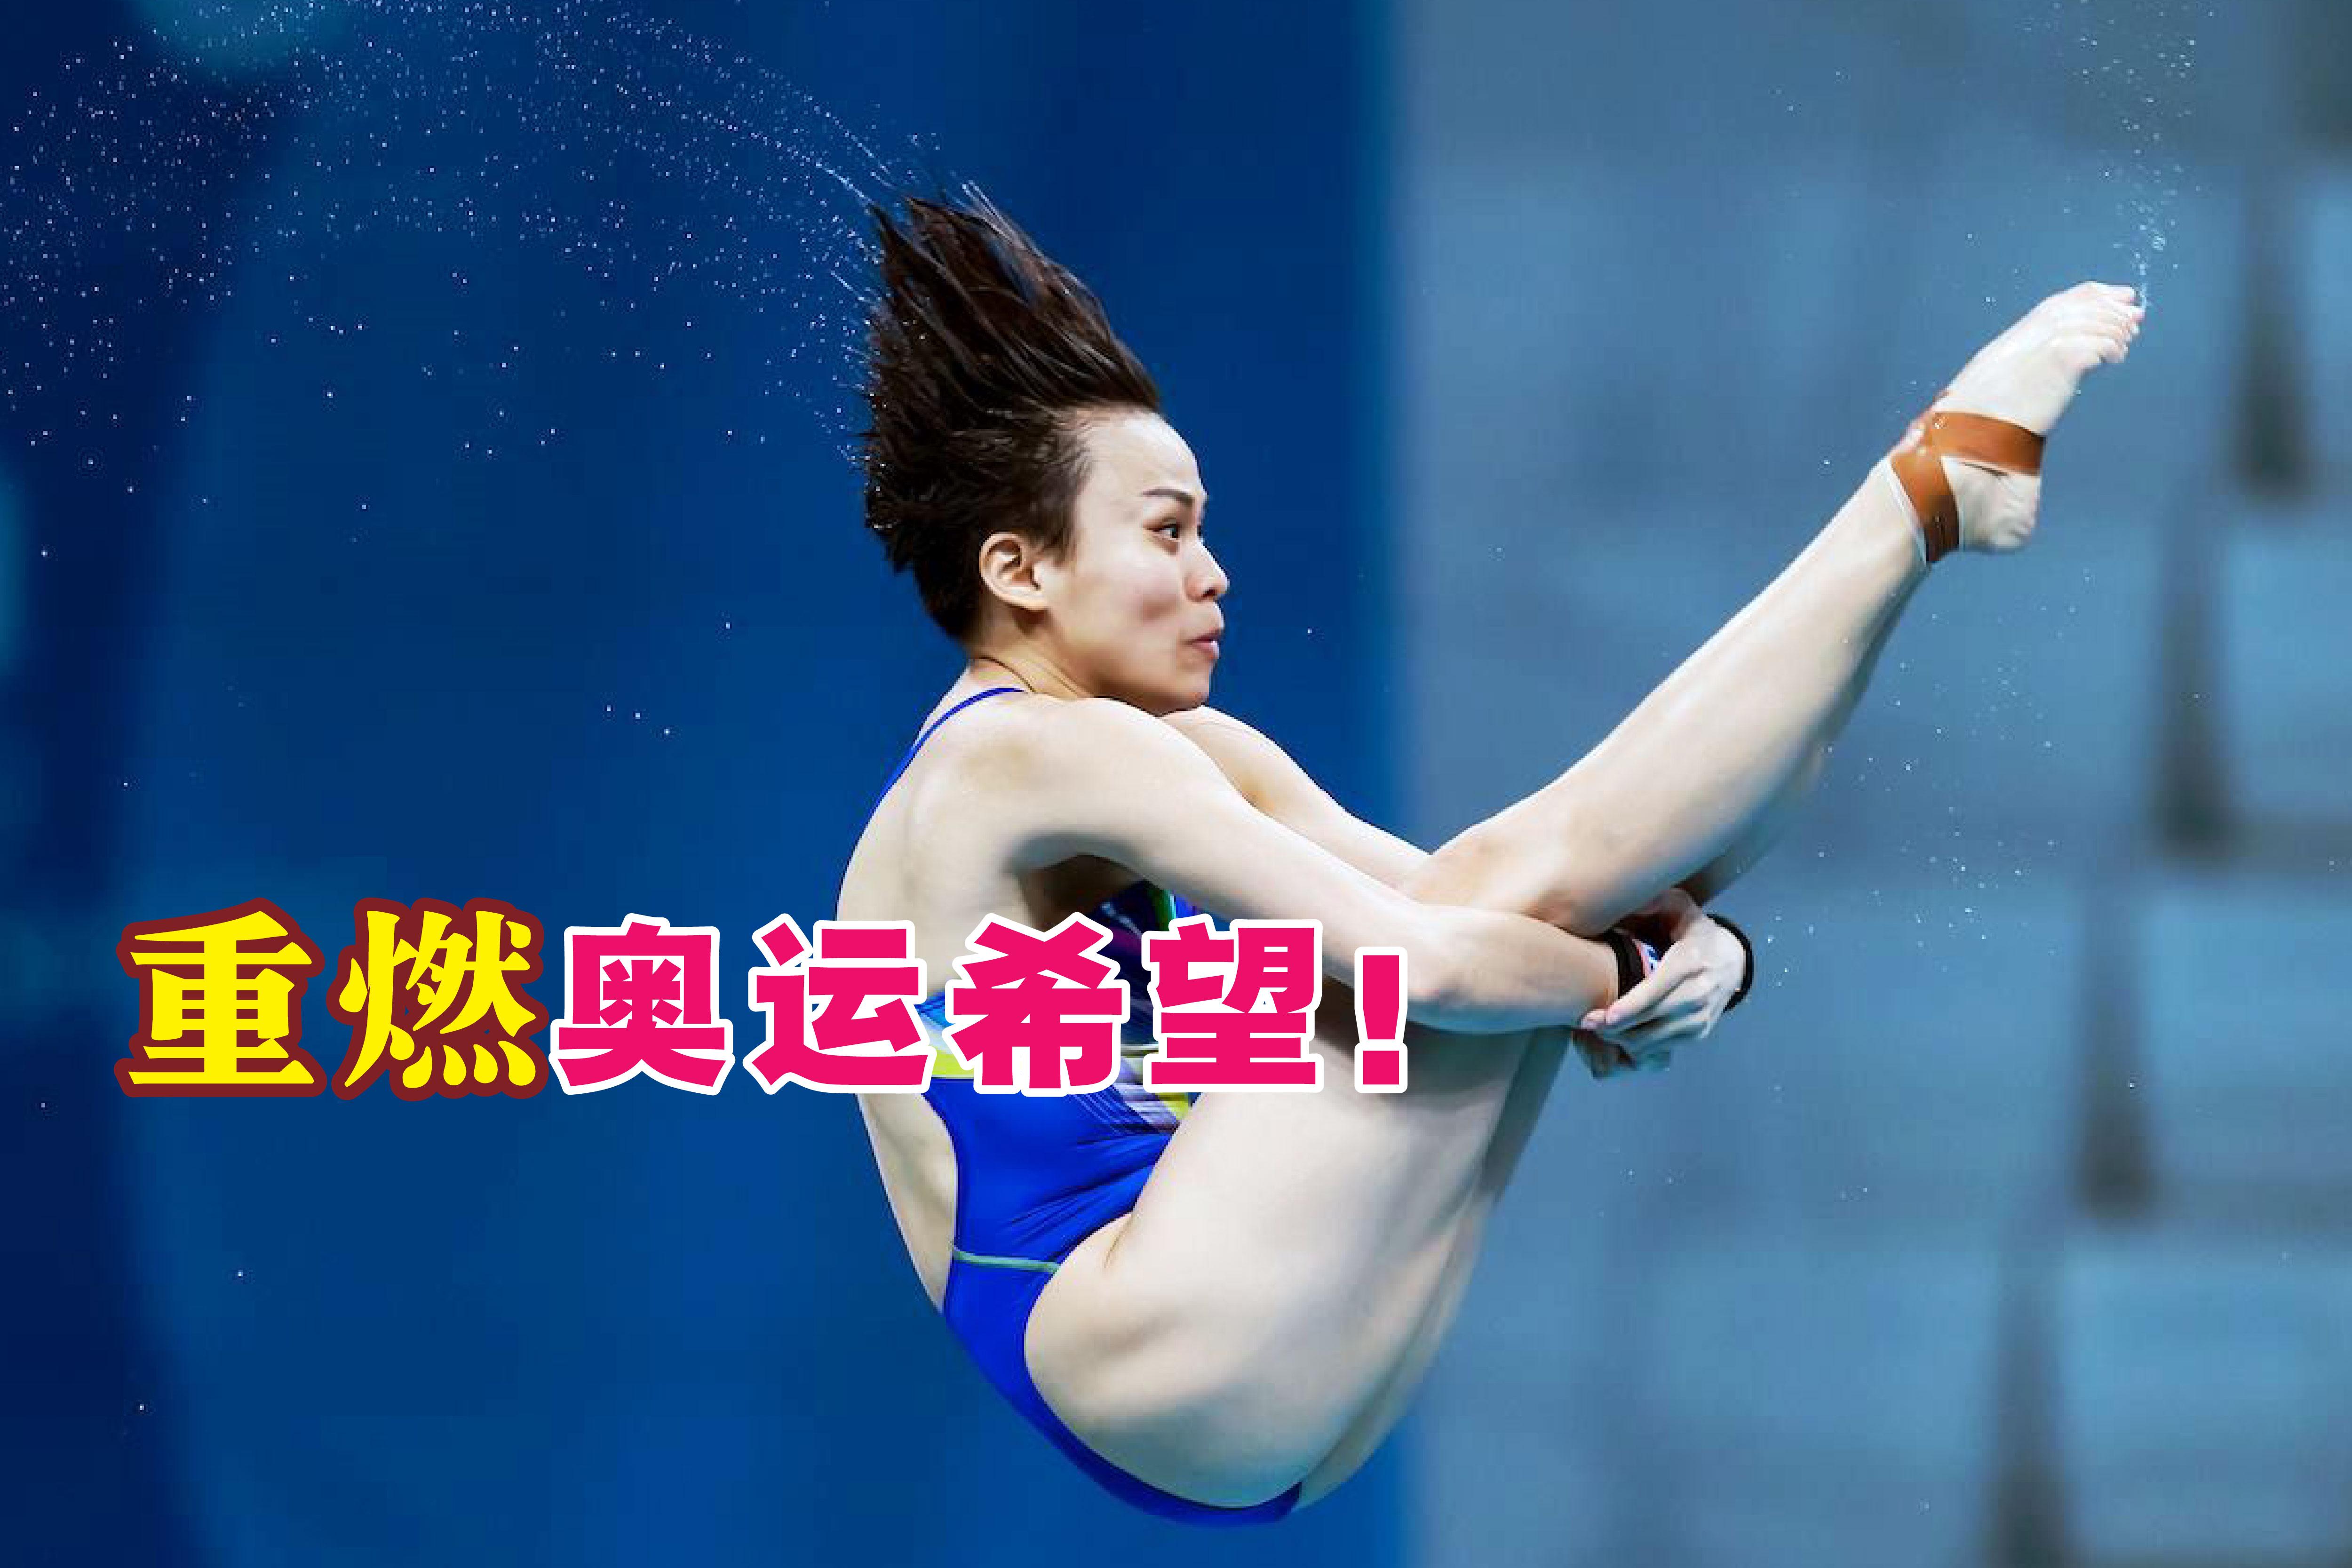 我国创史拿下跳水世冠的张俊虹,将在东京跳水世界杯赛上,争取第二次征战奥运会的入场券。-摘自FINA脸书/精彩大马制图-